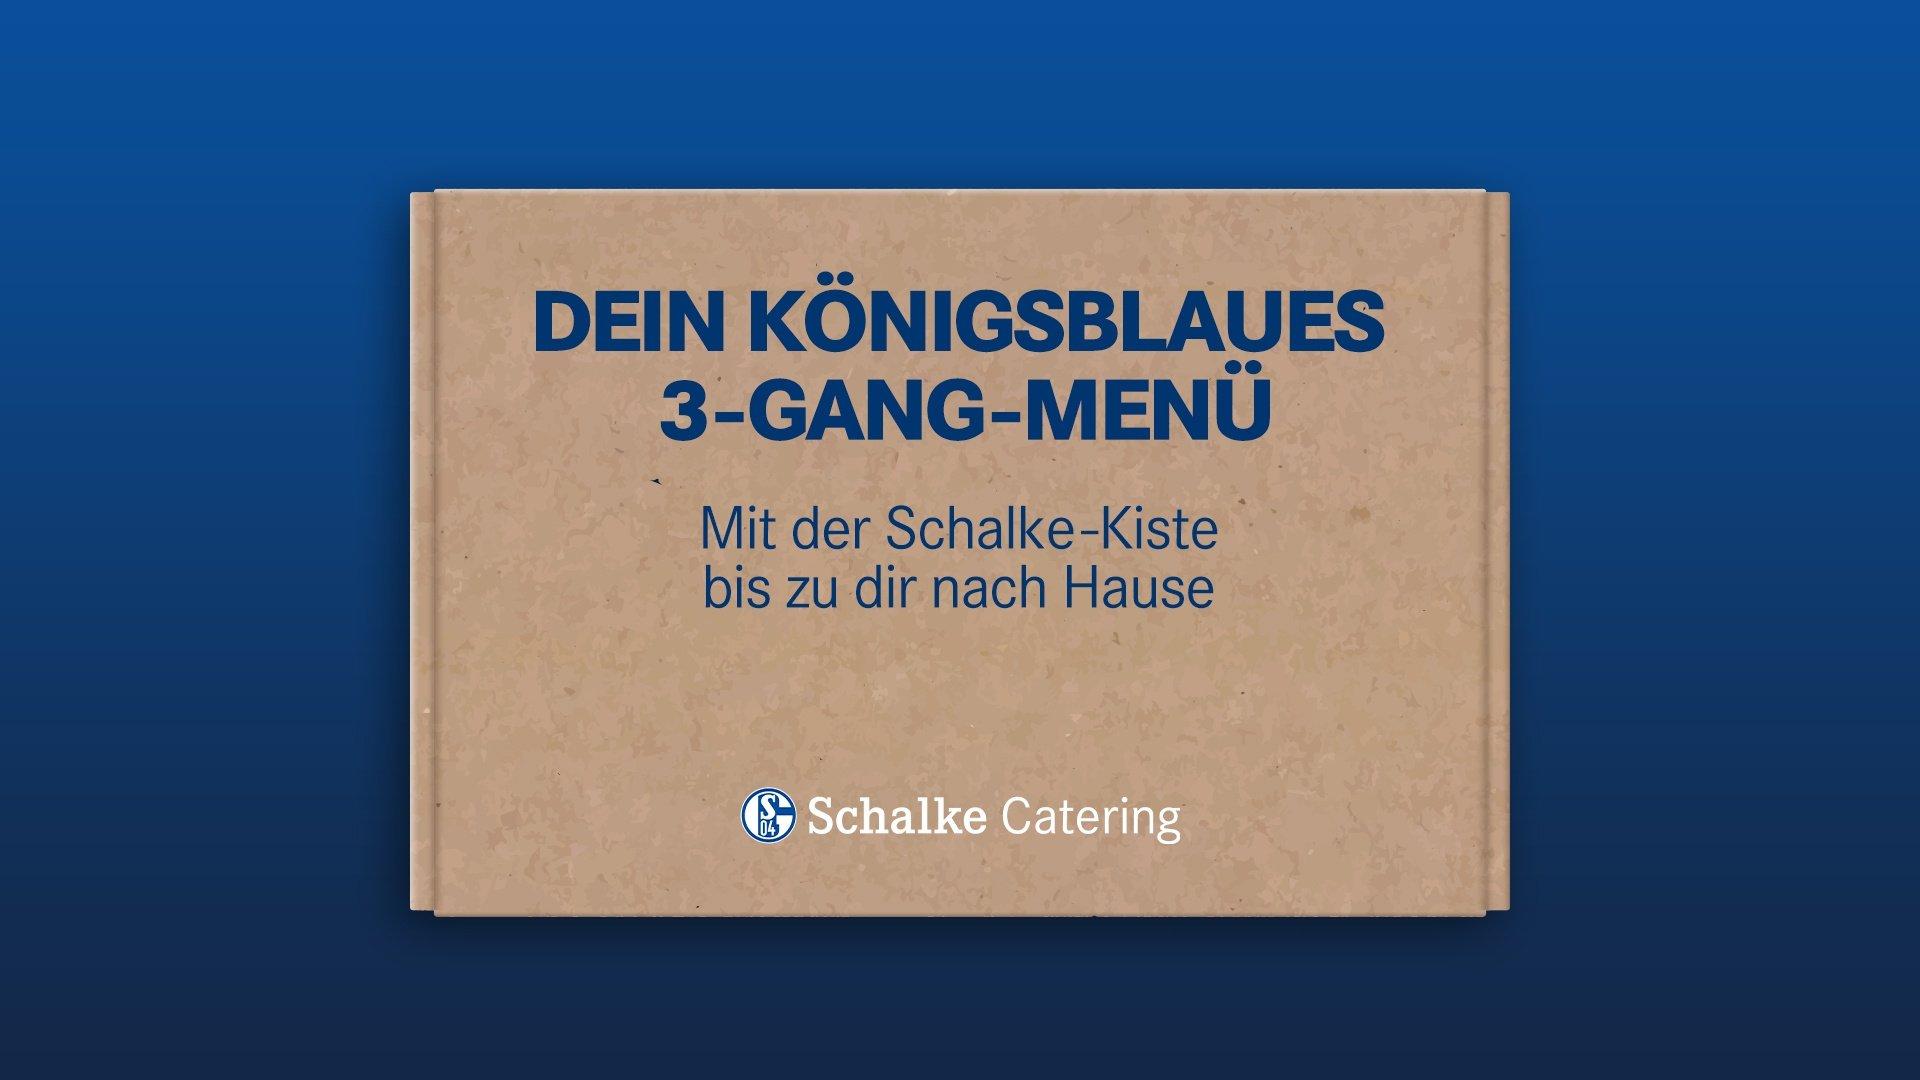 Schalke-Kiste